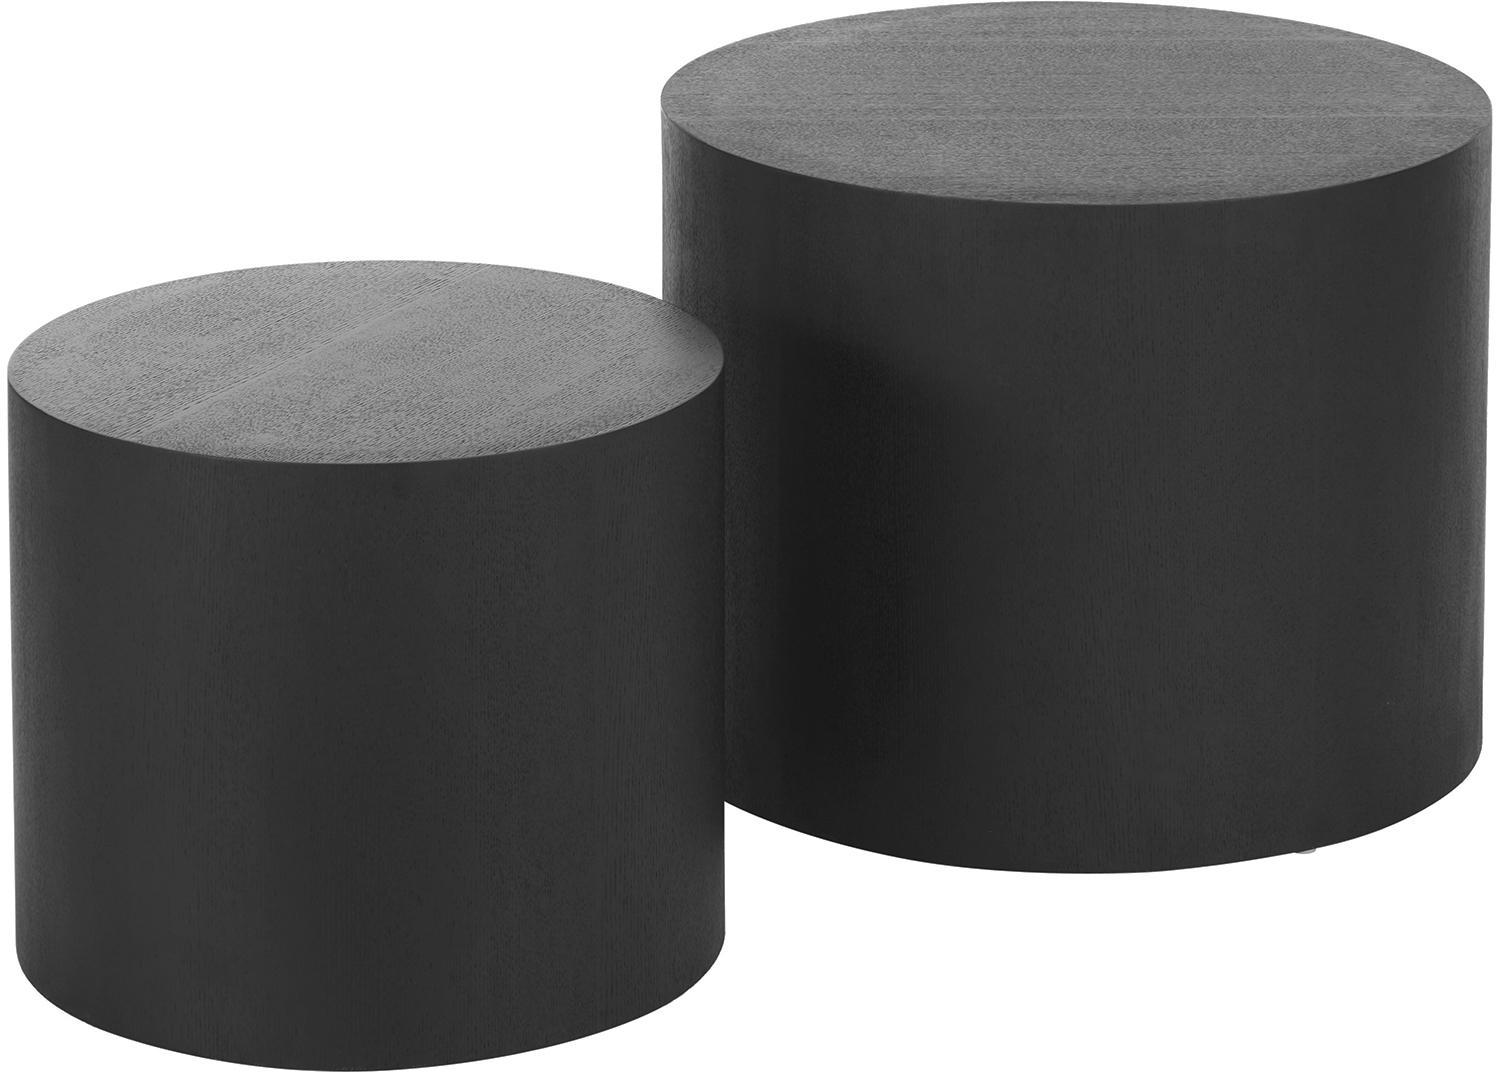 Set de mesas auxiliares Dan, 2uds., Tablero de fibras de densidad media(MDF) chapado en madera de fresno, Negro, Set de diferentes tamaños